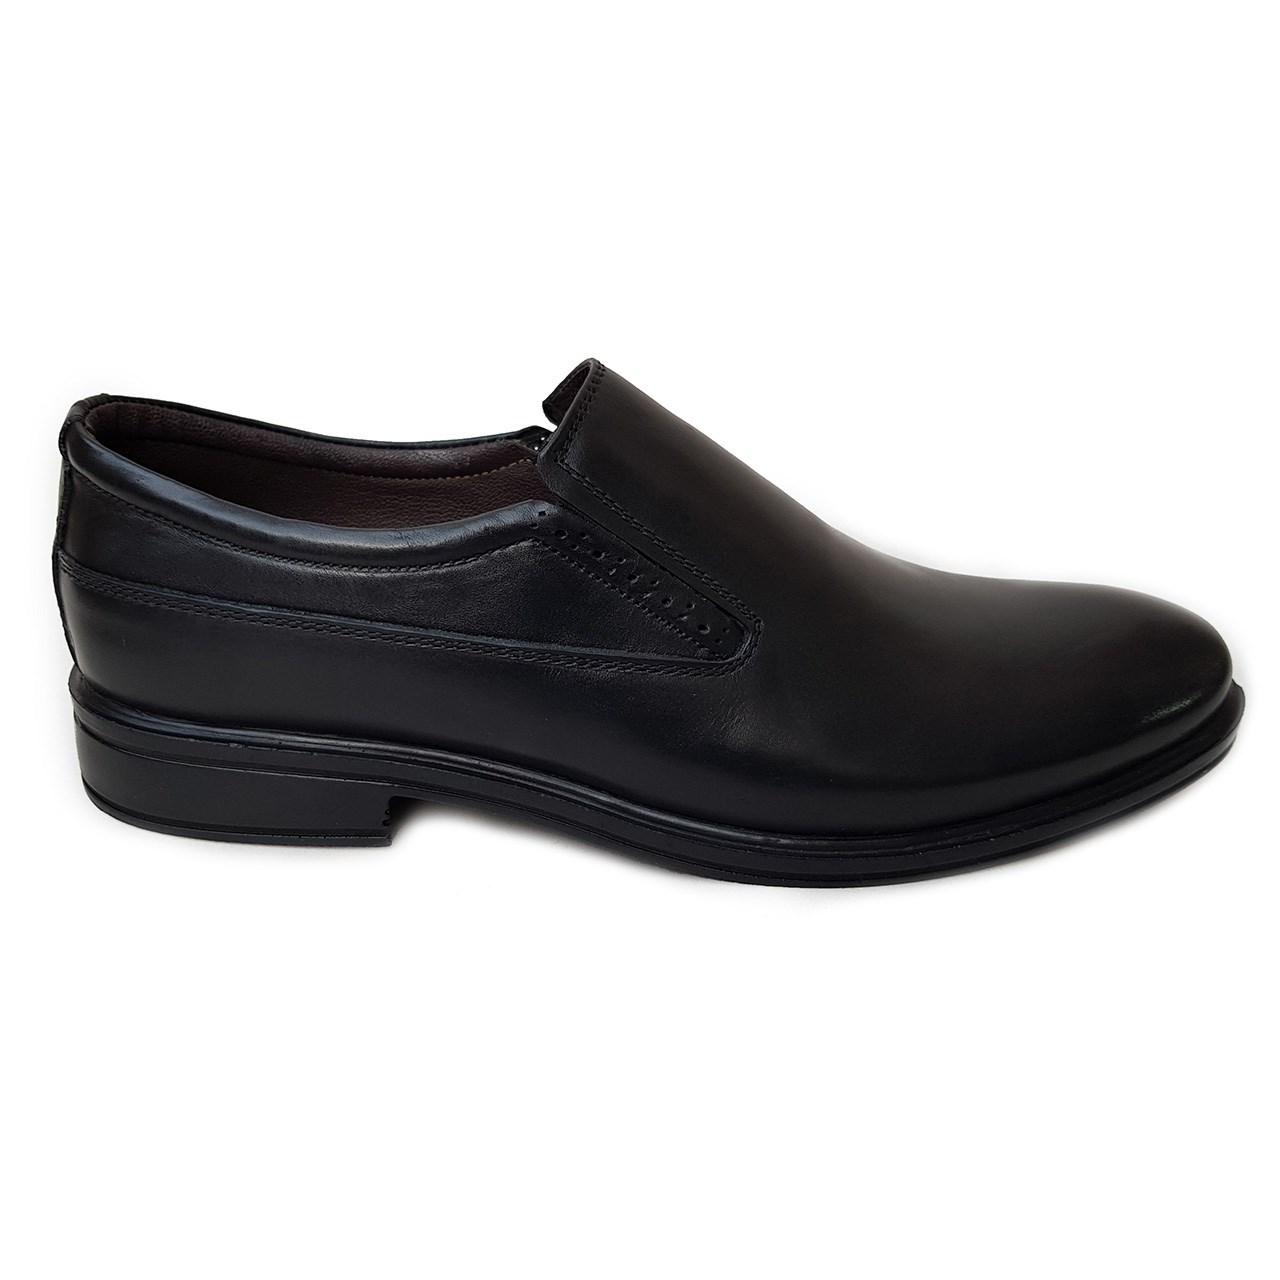 کفش مردانه چرم طبیعی دیاکو مدلMSL-KERAL-K-BLACK